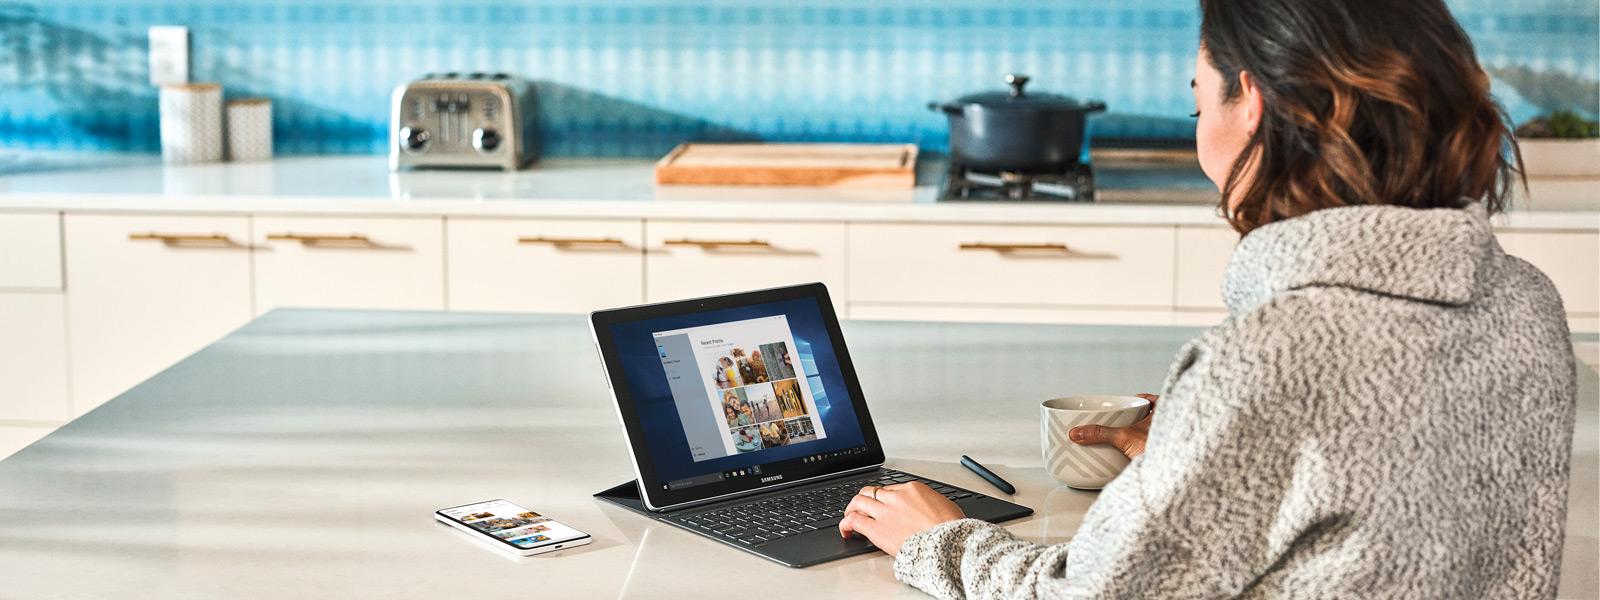 女人坐在流理台前,同時使用 Windows 10 手提電腦和她的行動電話